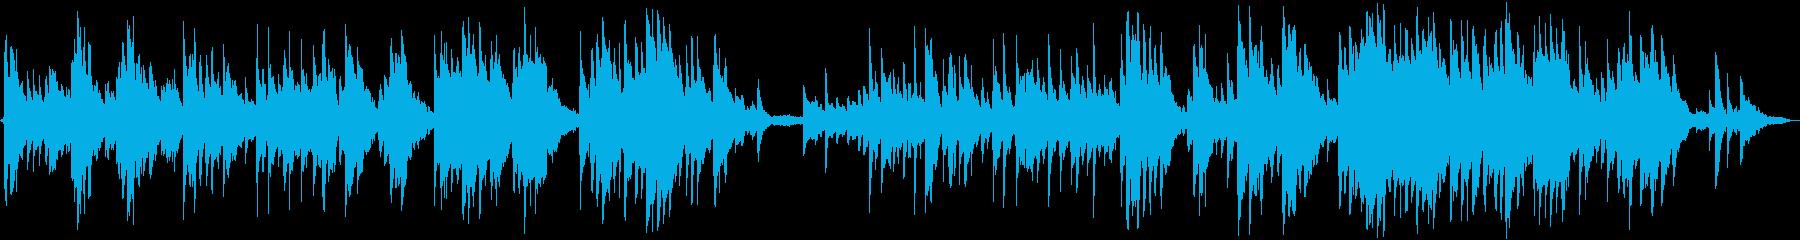 サラサラ ジャズ ワールド 民族 ...の再生済みの波形